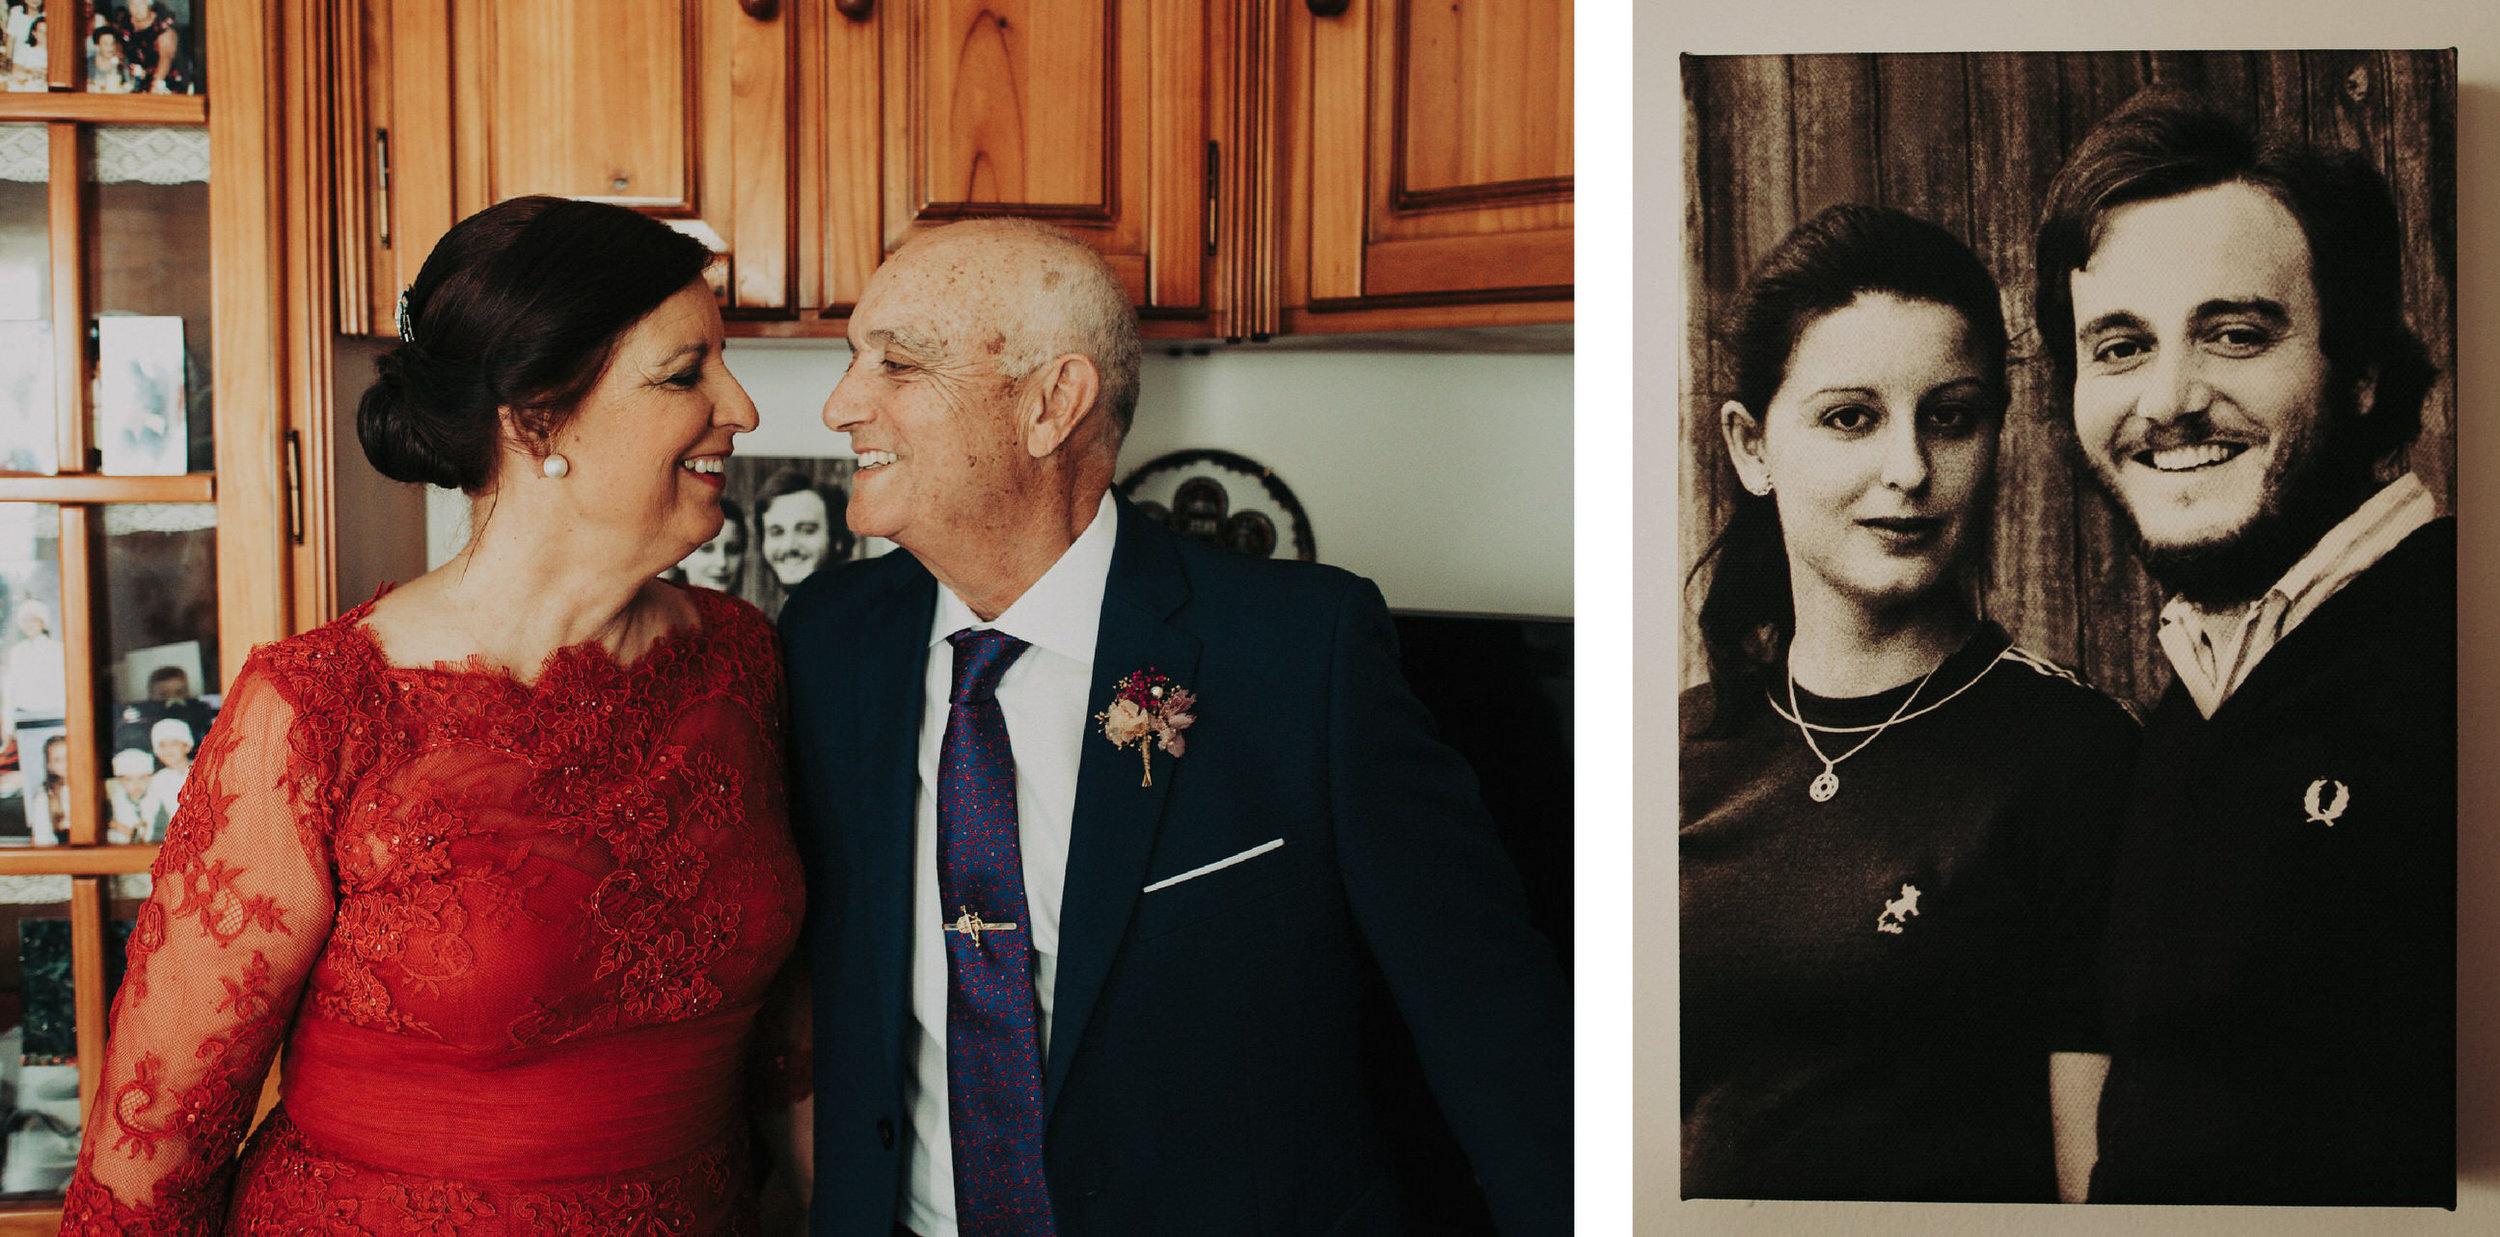 Laura & Rubén - boda en utrera - Santa clotilde- Manolo mayo - Fotografo de boda - Andrés Amarillo (2).jpg